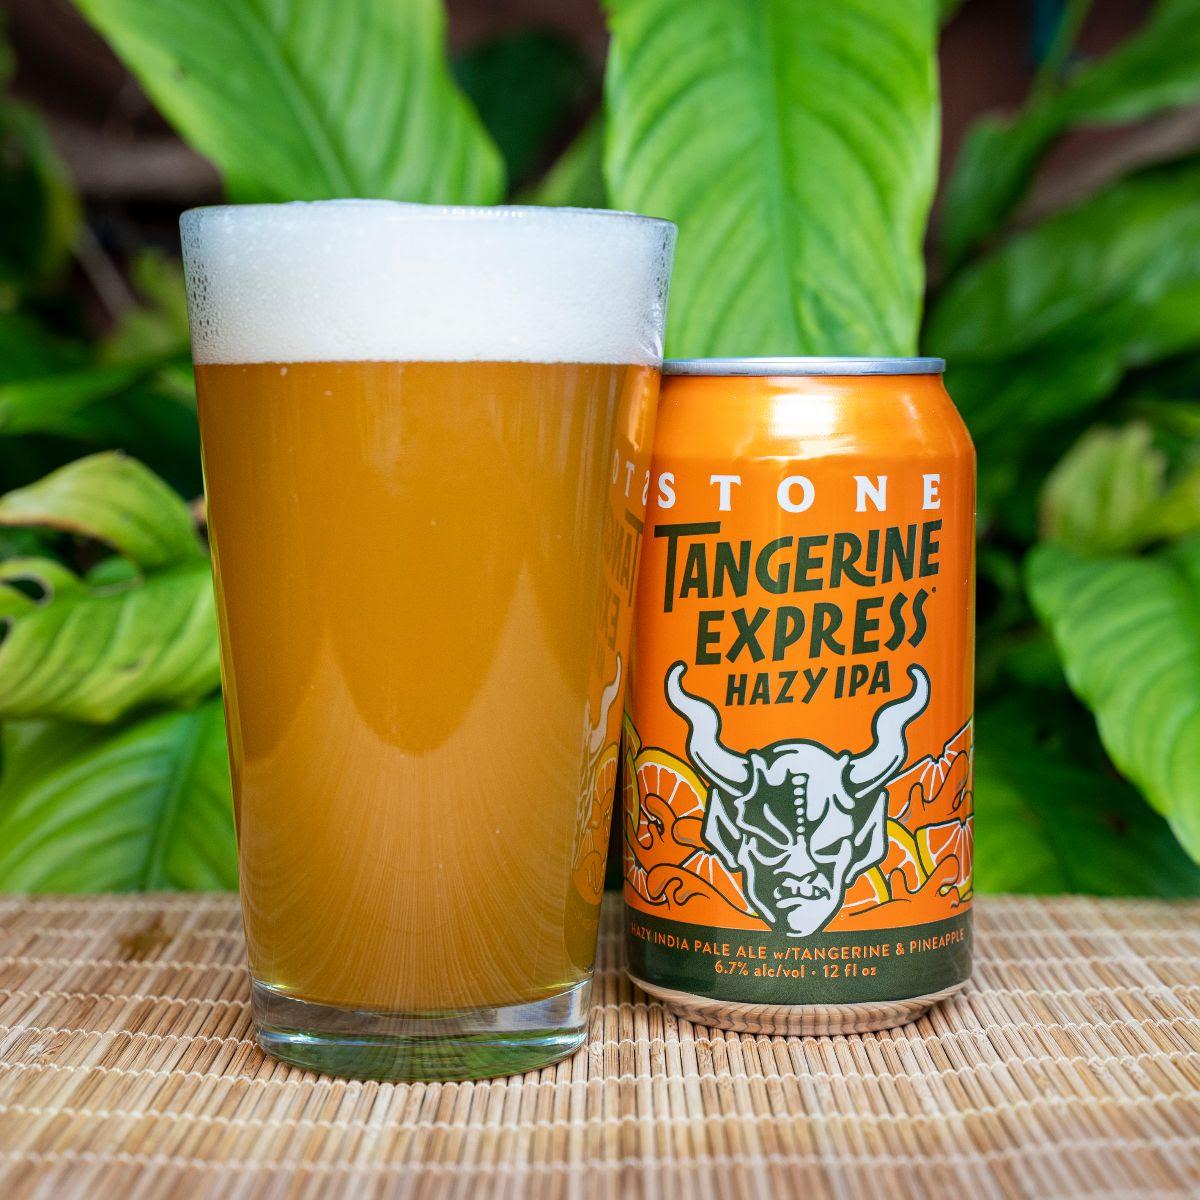 image of Stone Tangerine Express Hazy IPA courtesy of Stone Brewing